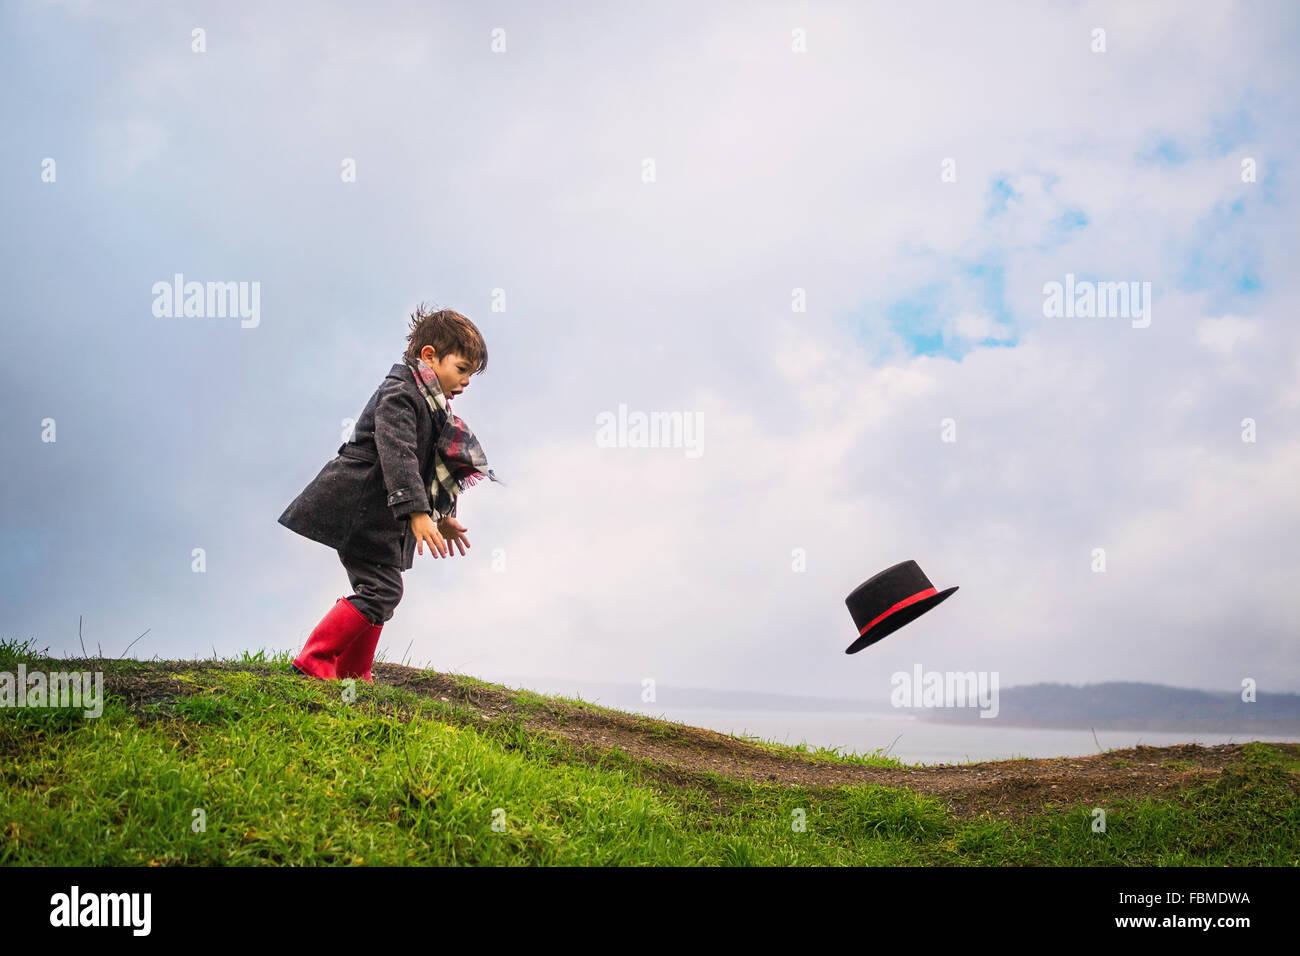 Junge jagt seinen Hut verwehen im wind Stockbild